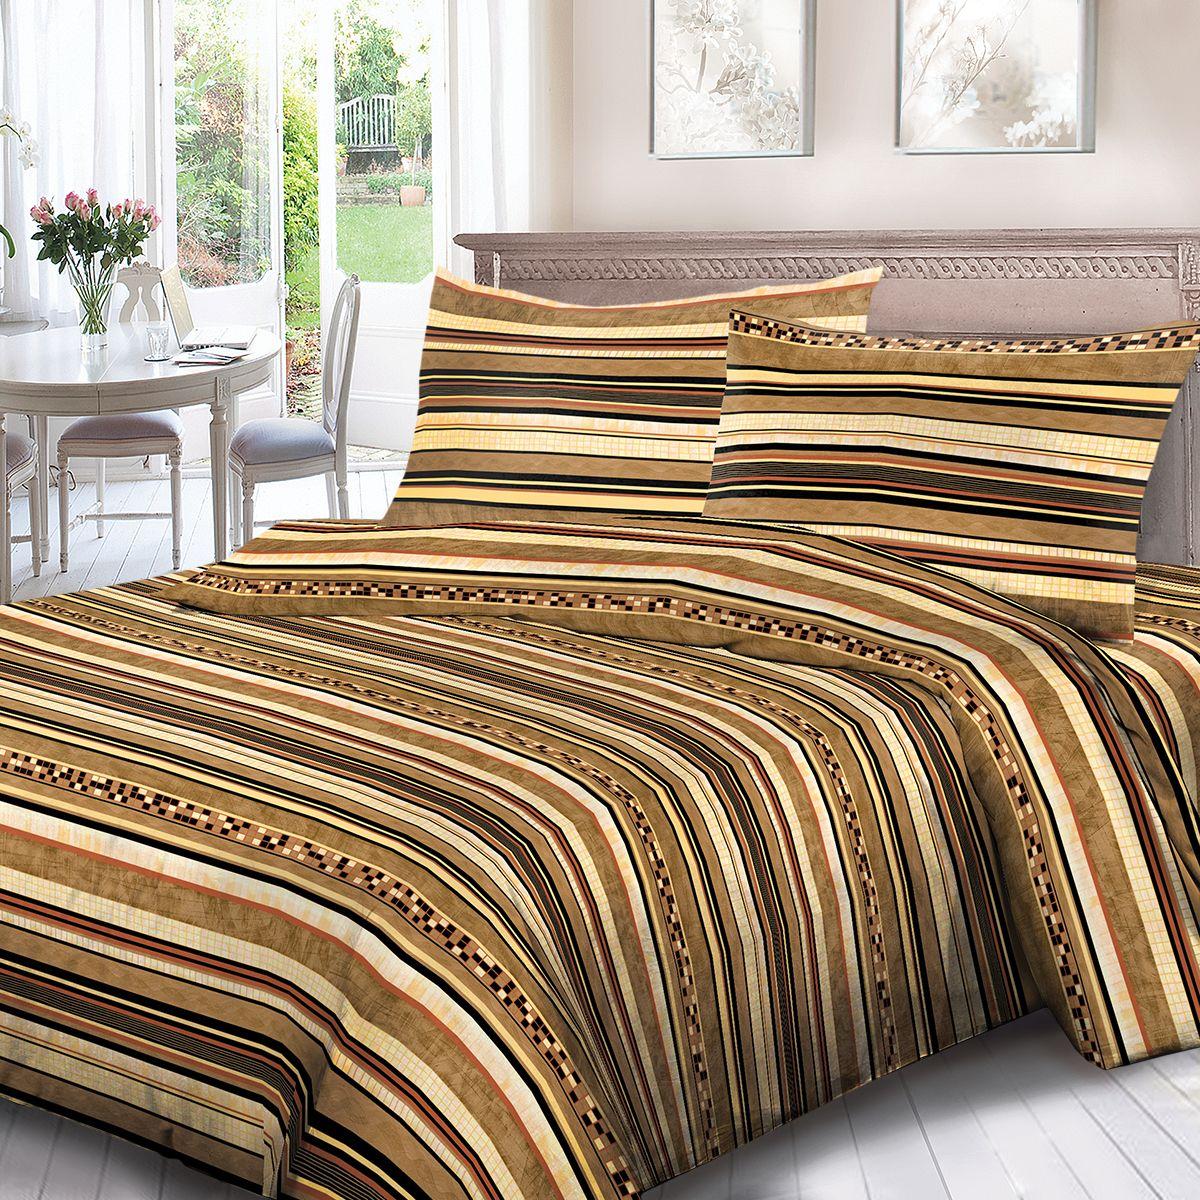 Комплект белья Для Снов Шанталь, евро, наволочки 70x70, цвет: коричневый. 1680-284385